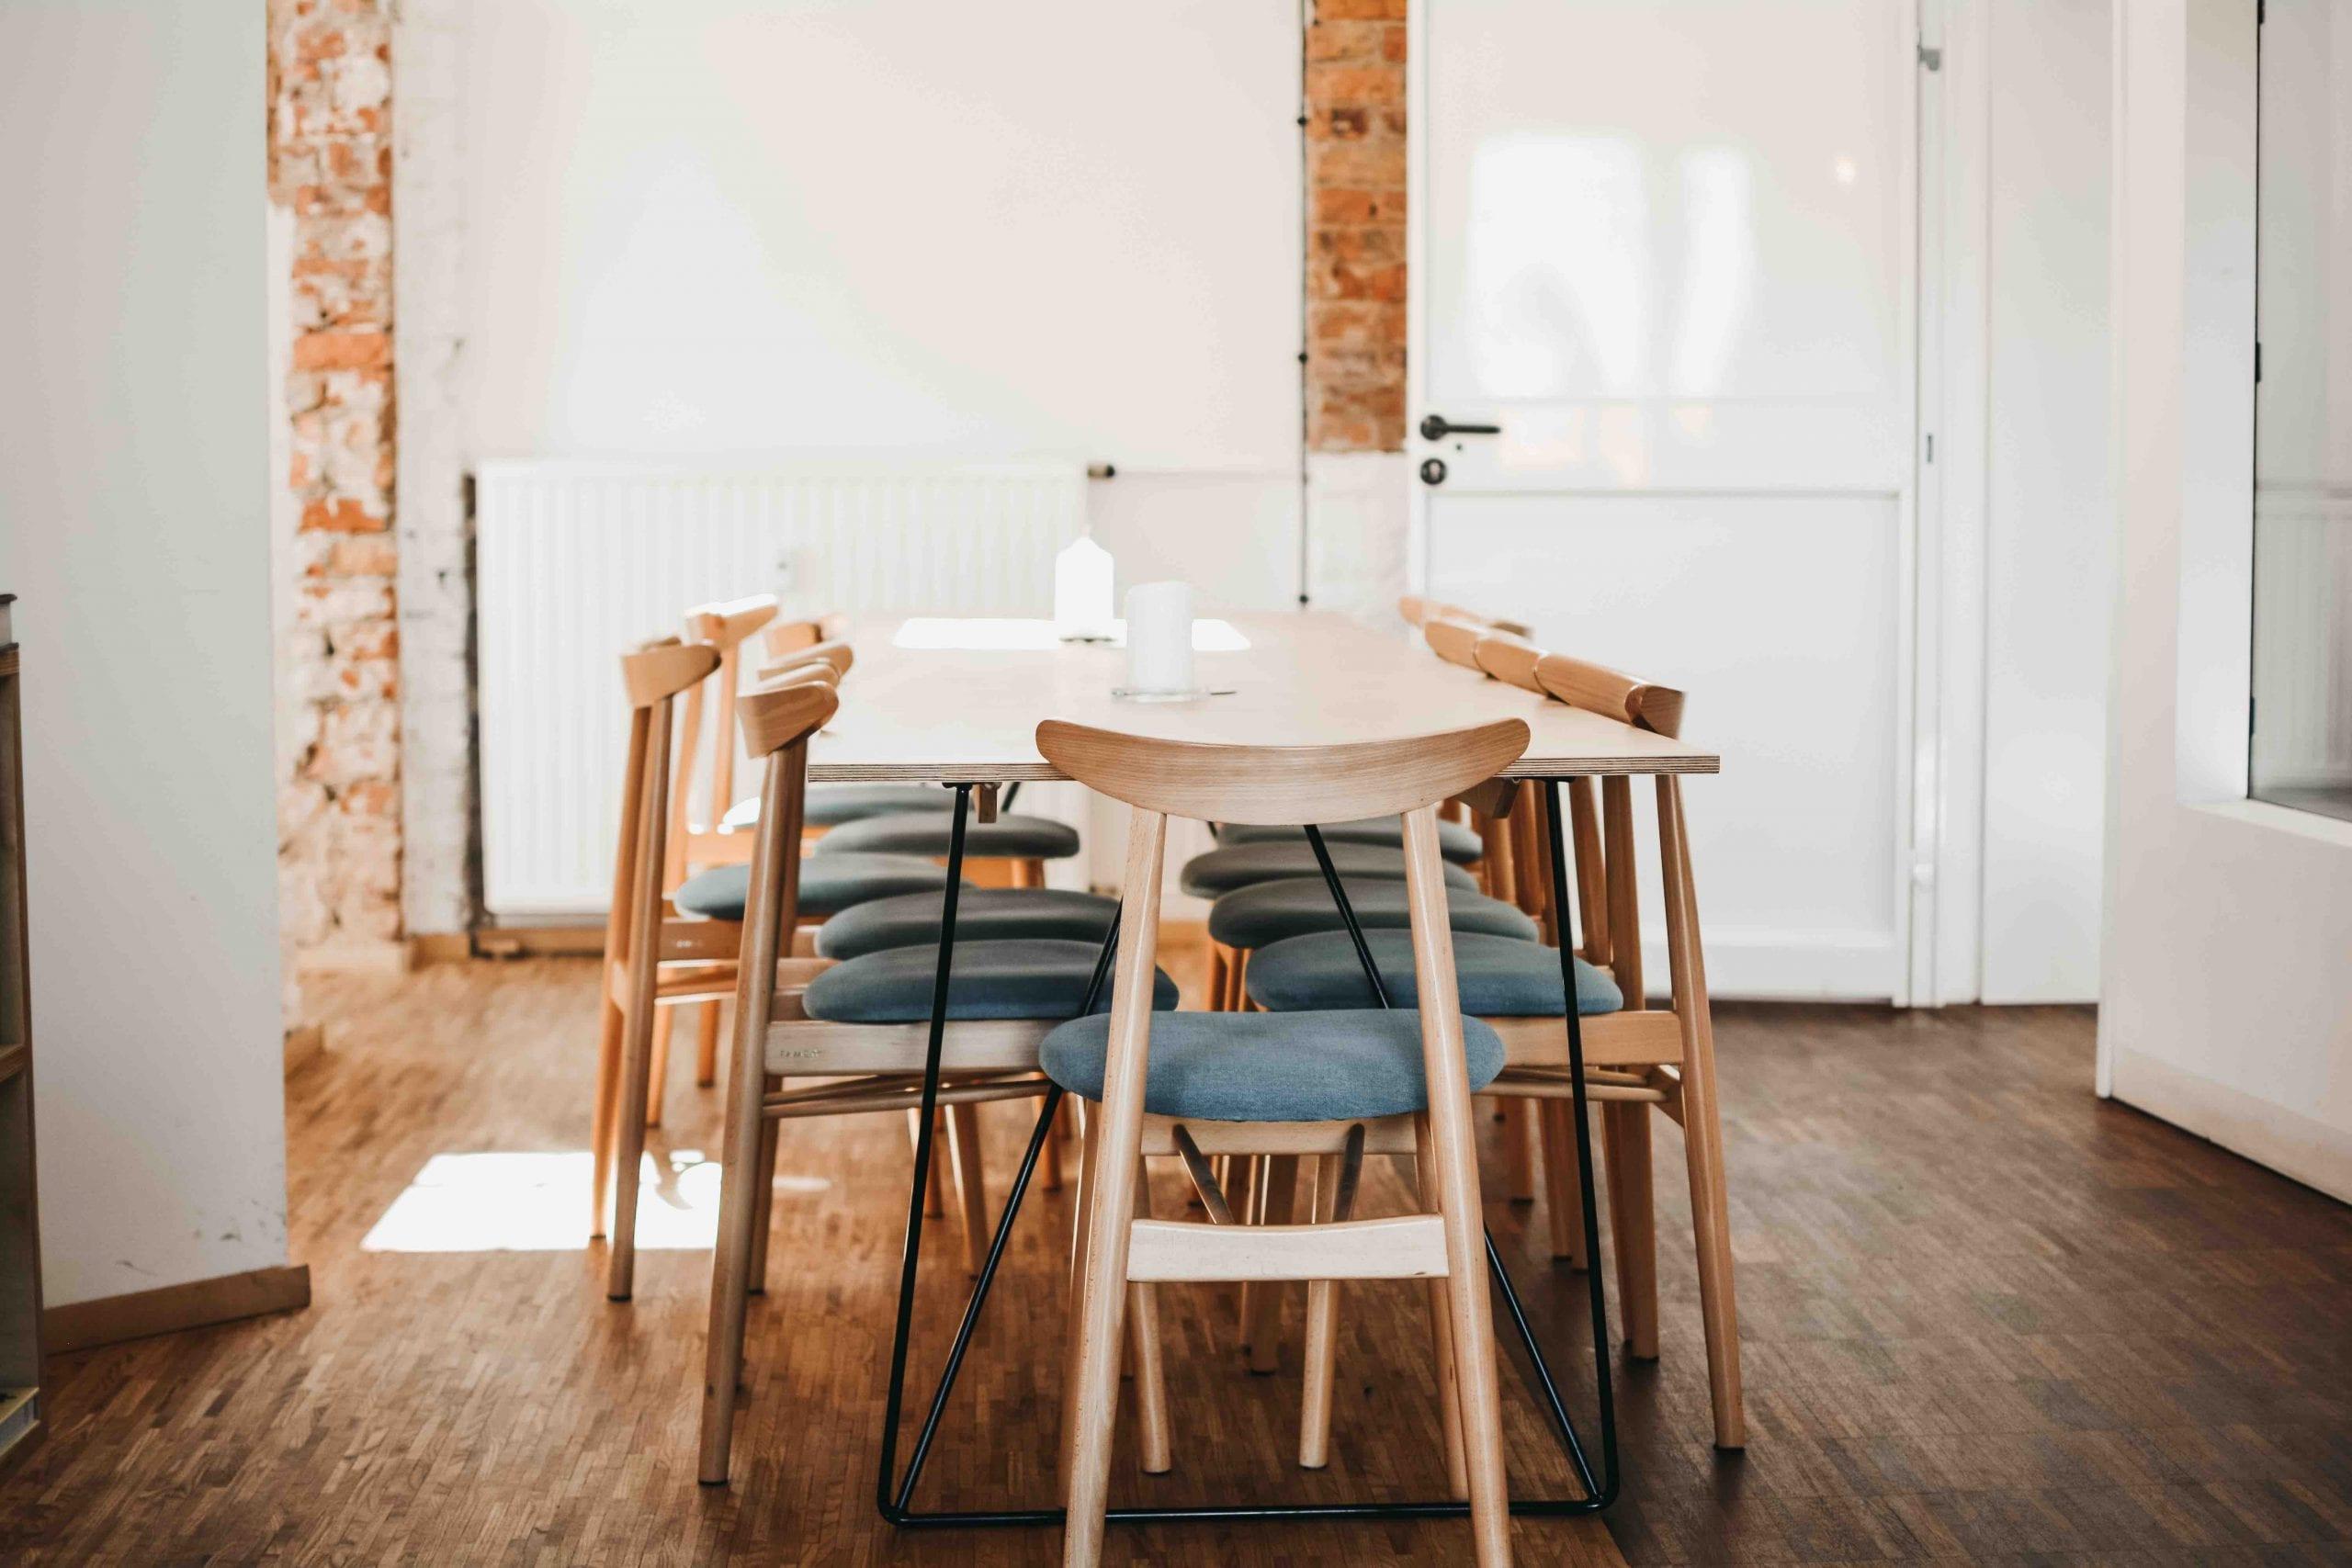 Heller Meetingraum mit Holzstühlen